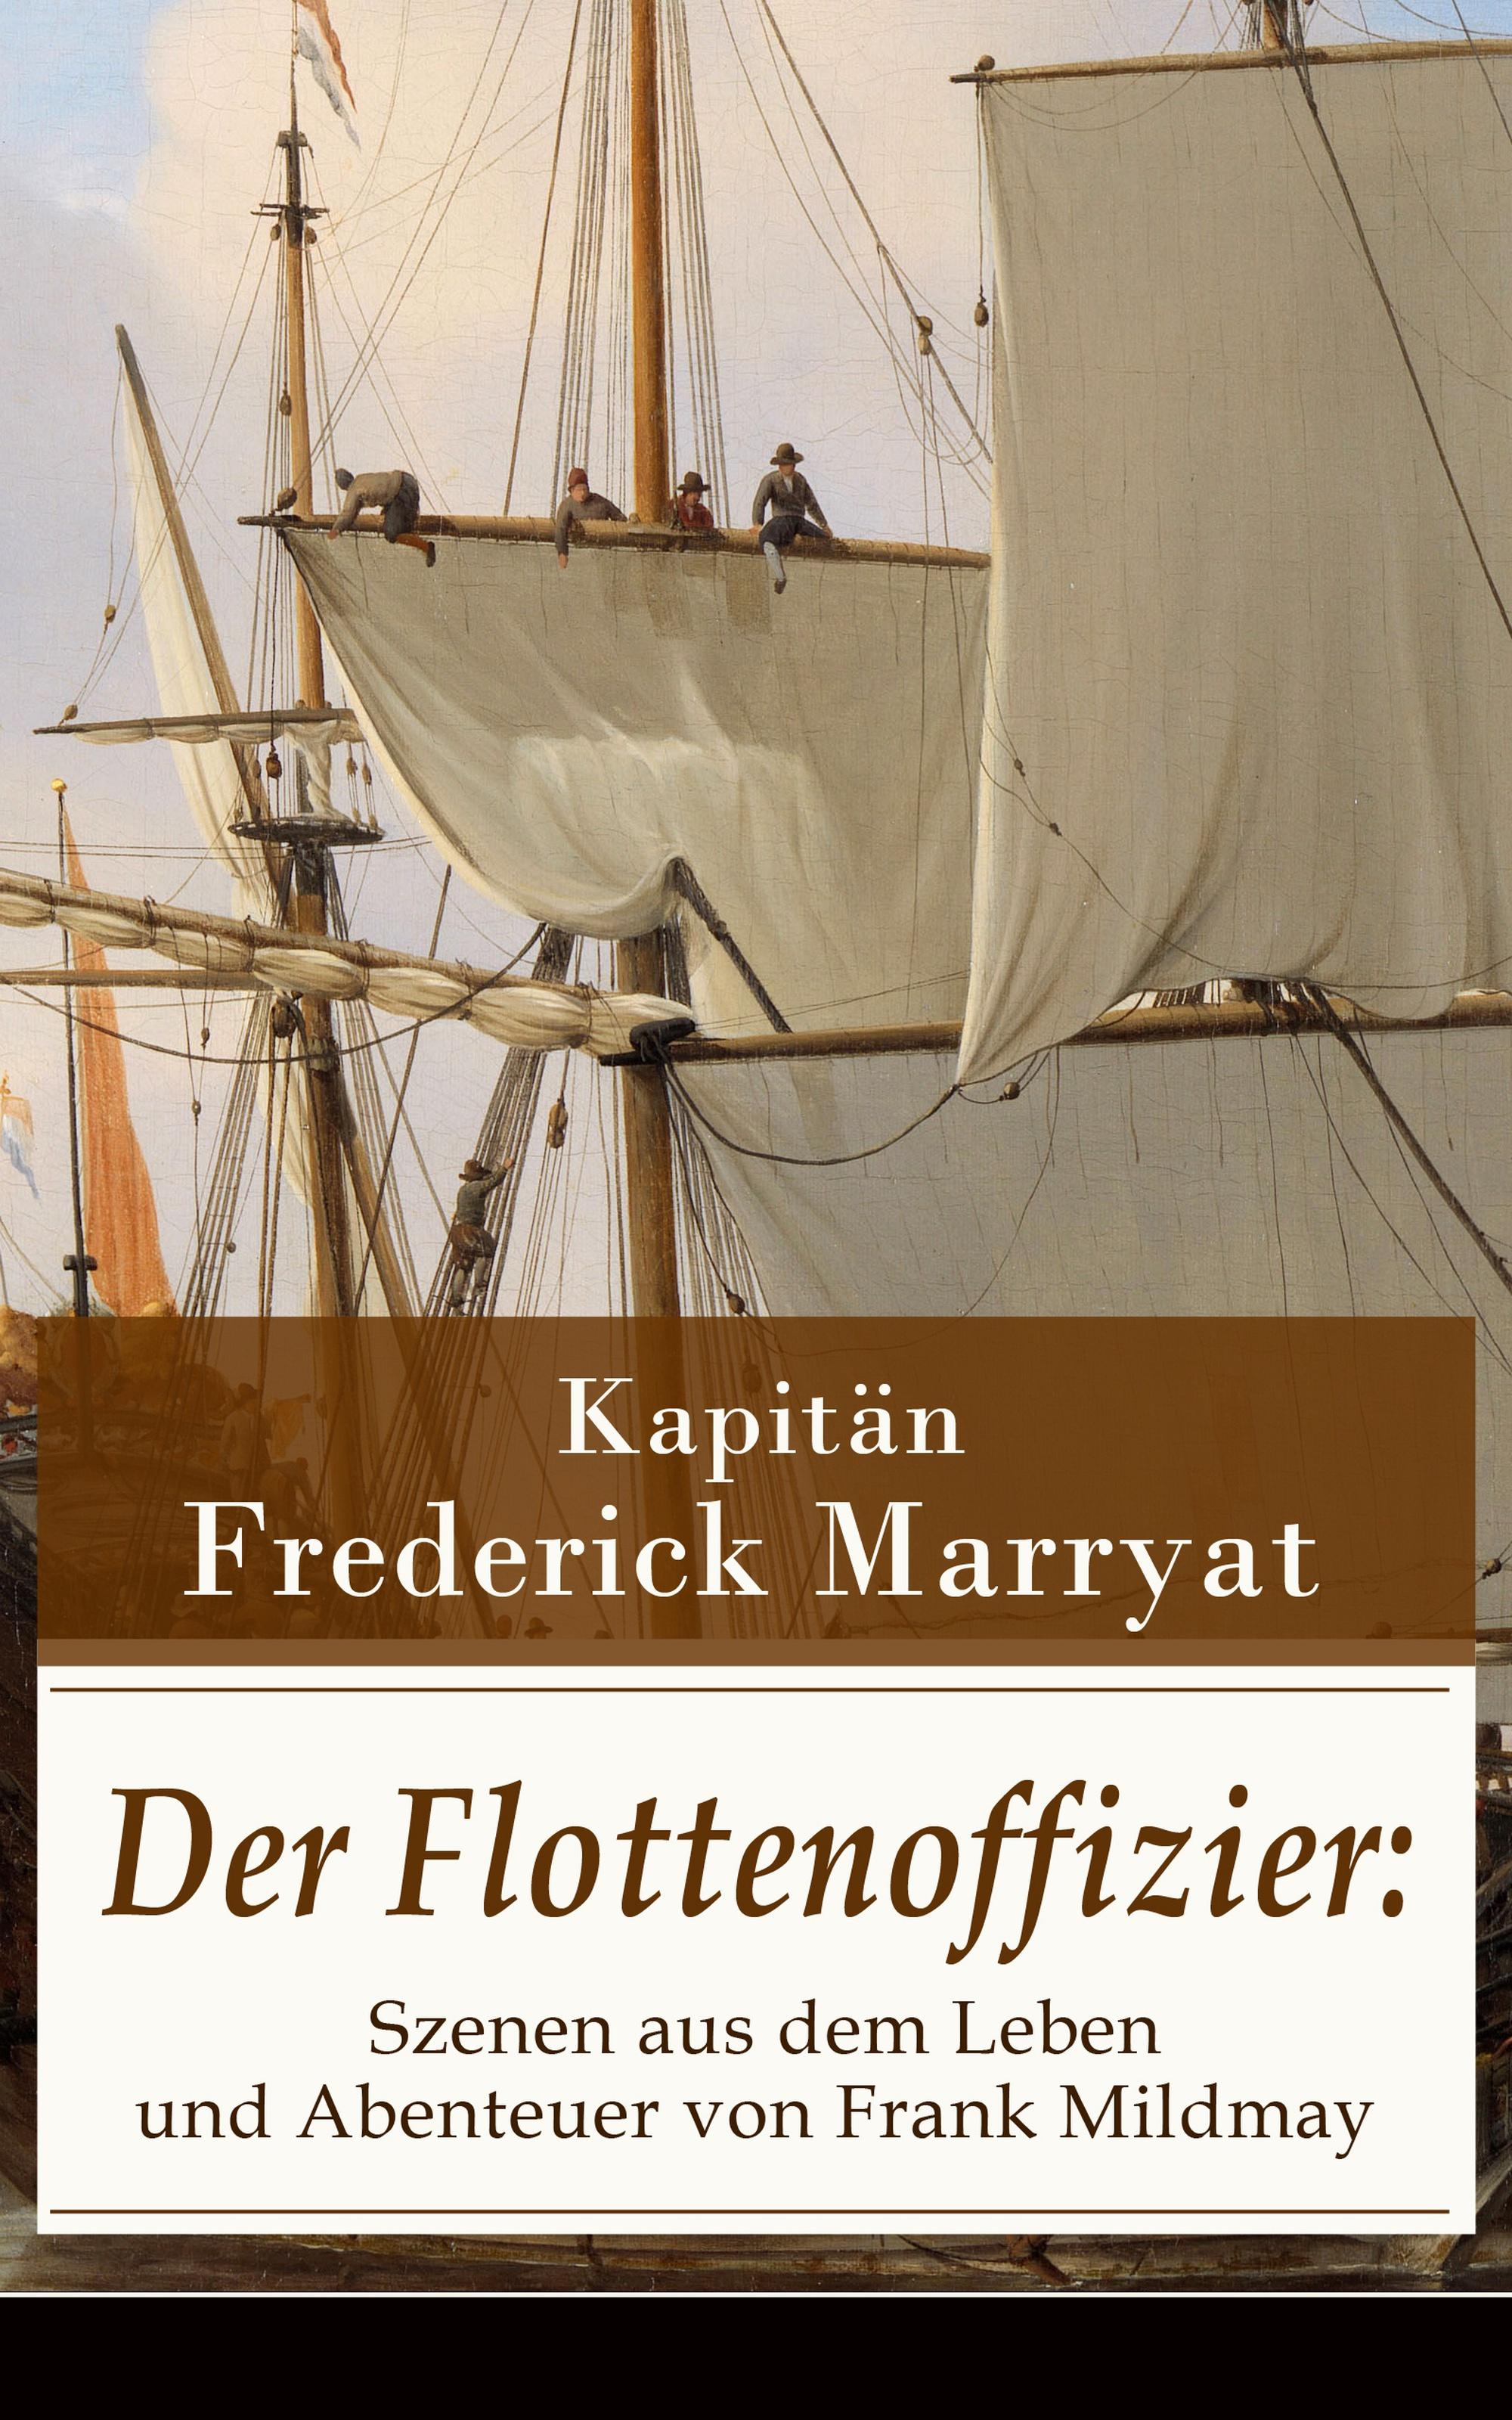 Kapitän Frederick Marryat Der Flottenoffizier: Szenen aus dem Leben und Abenteuer von Frank Mildmay